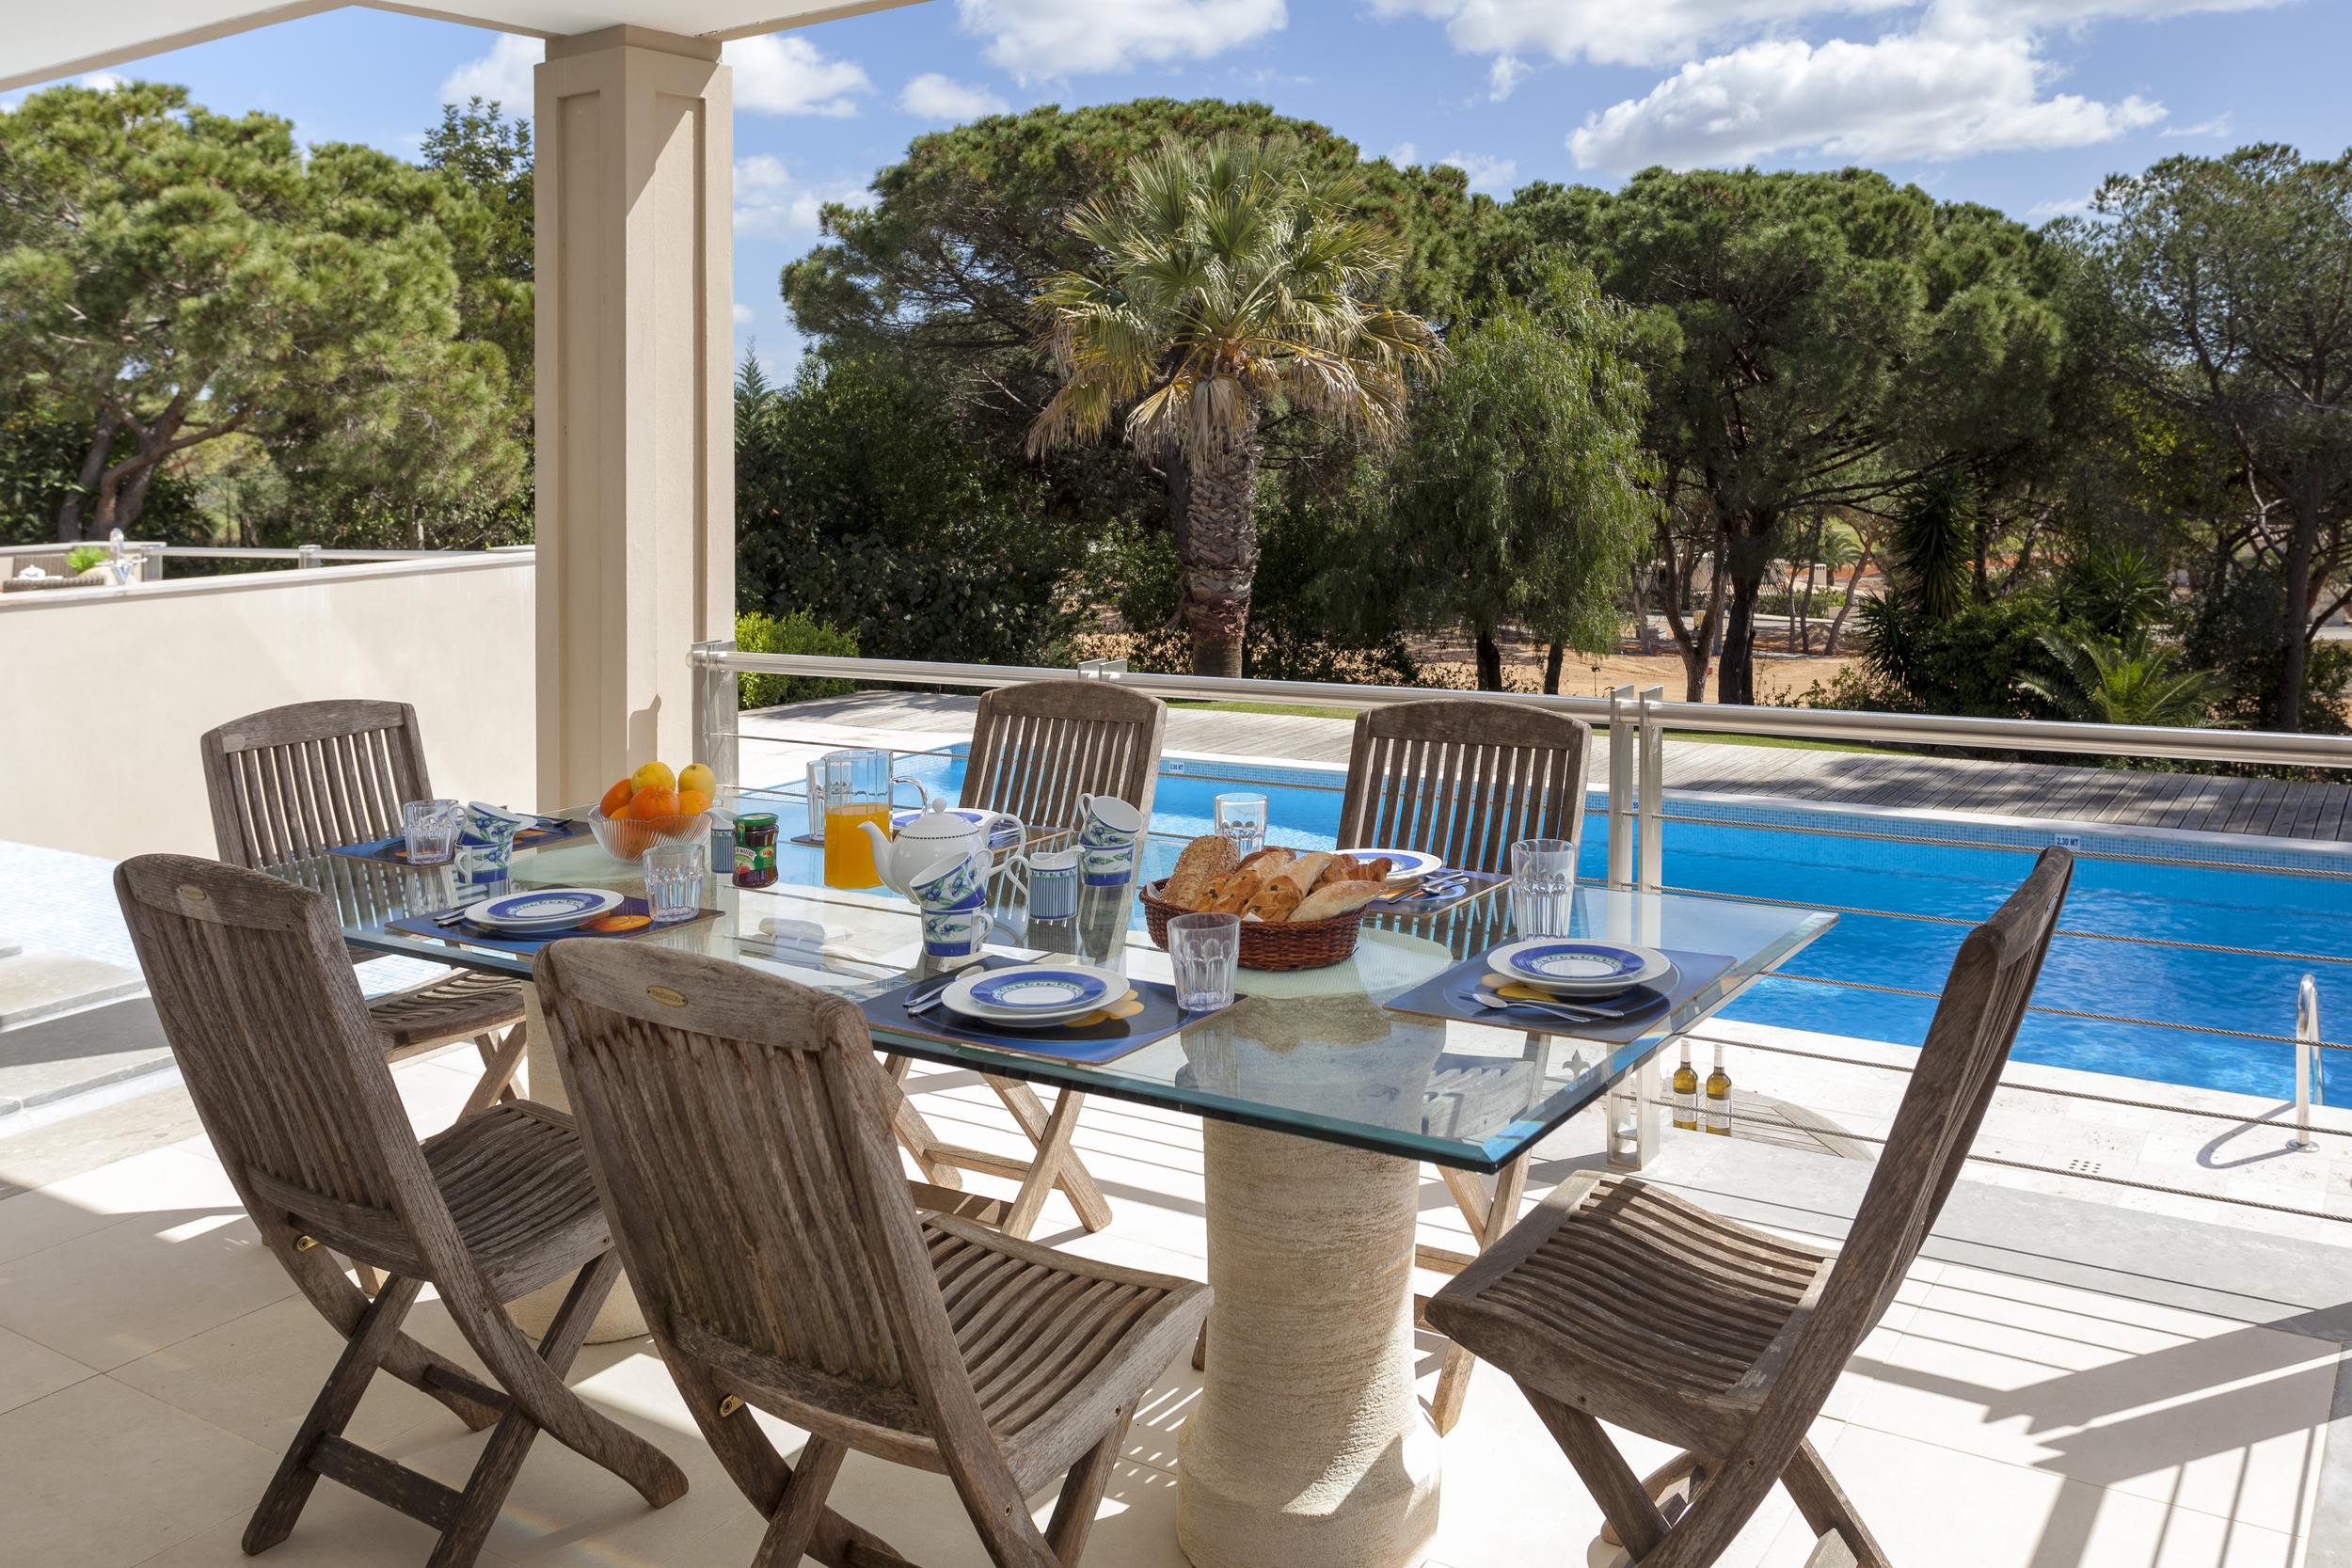 4 bedroom villa to rent in Quinta do Lago, RLV, Villa Serpentine, outside dining.jpg